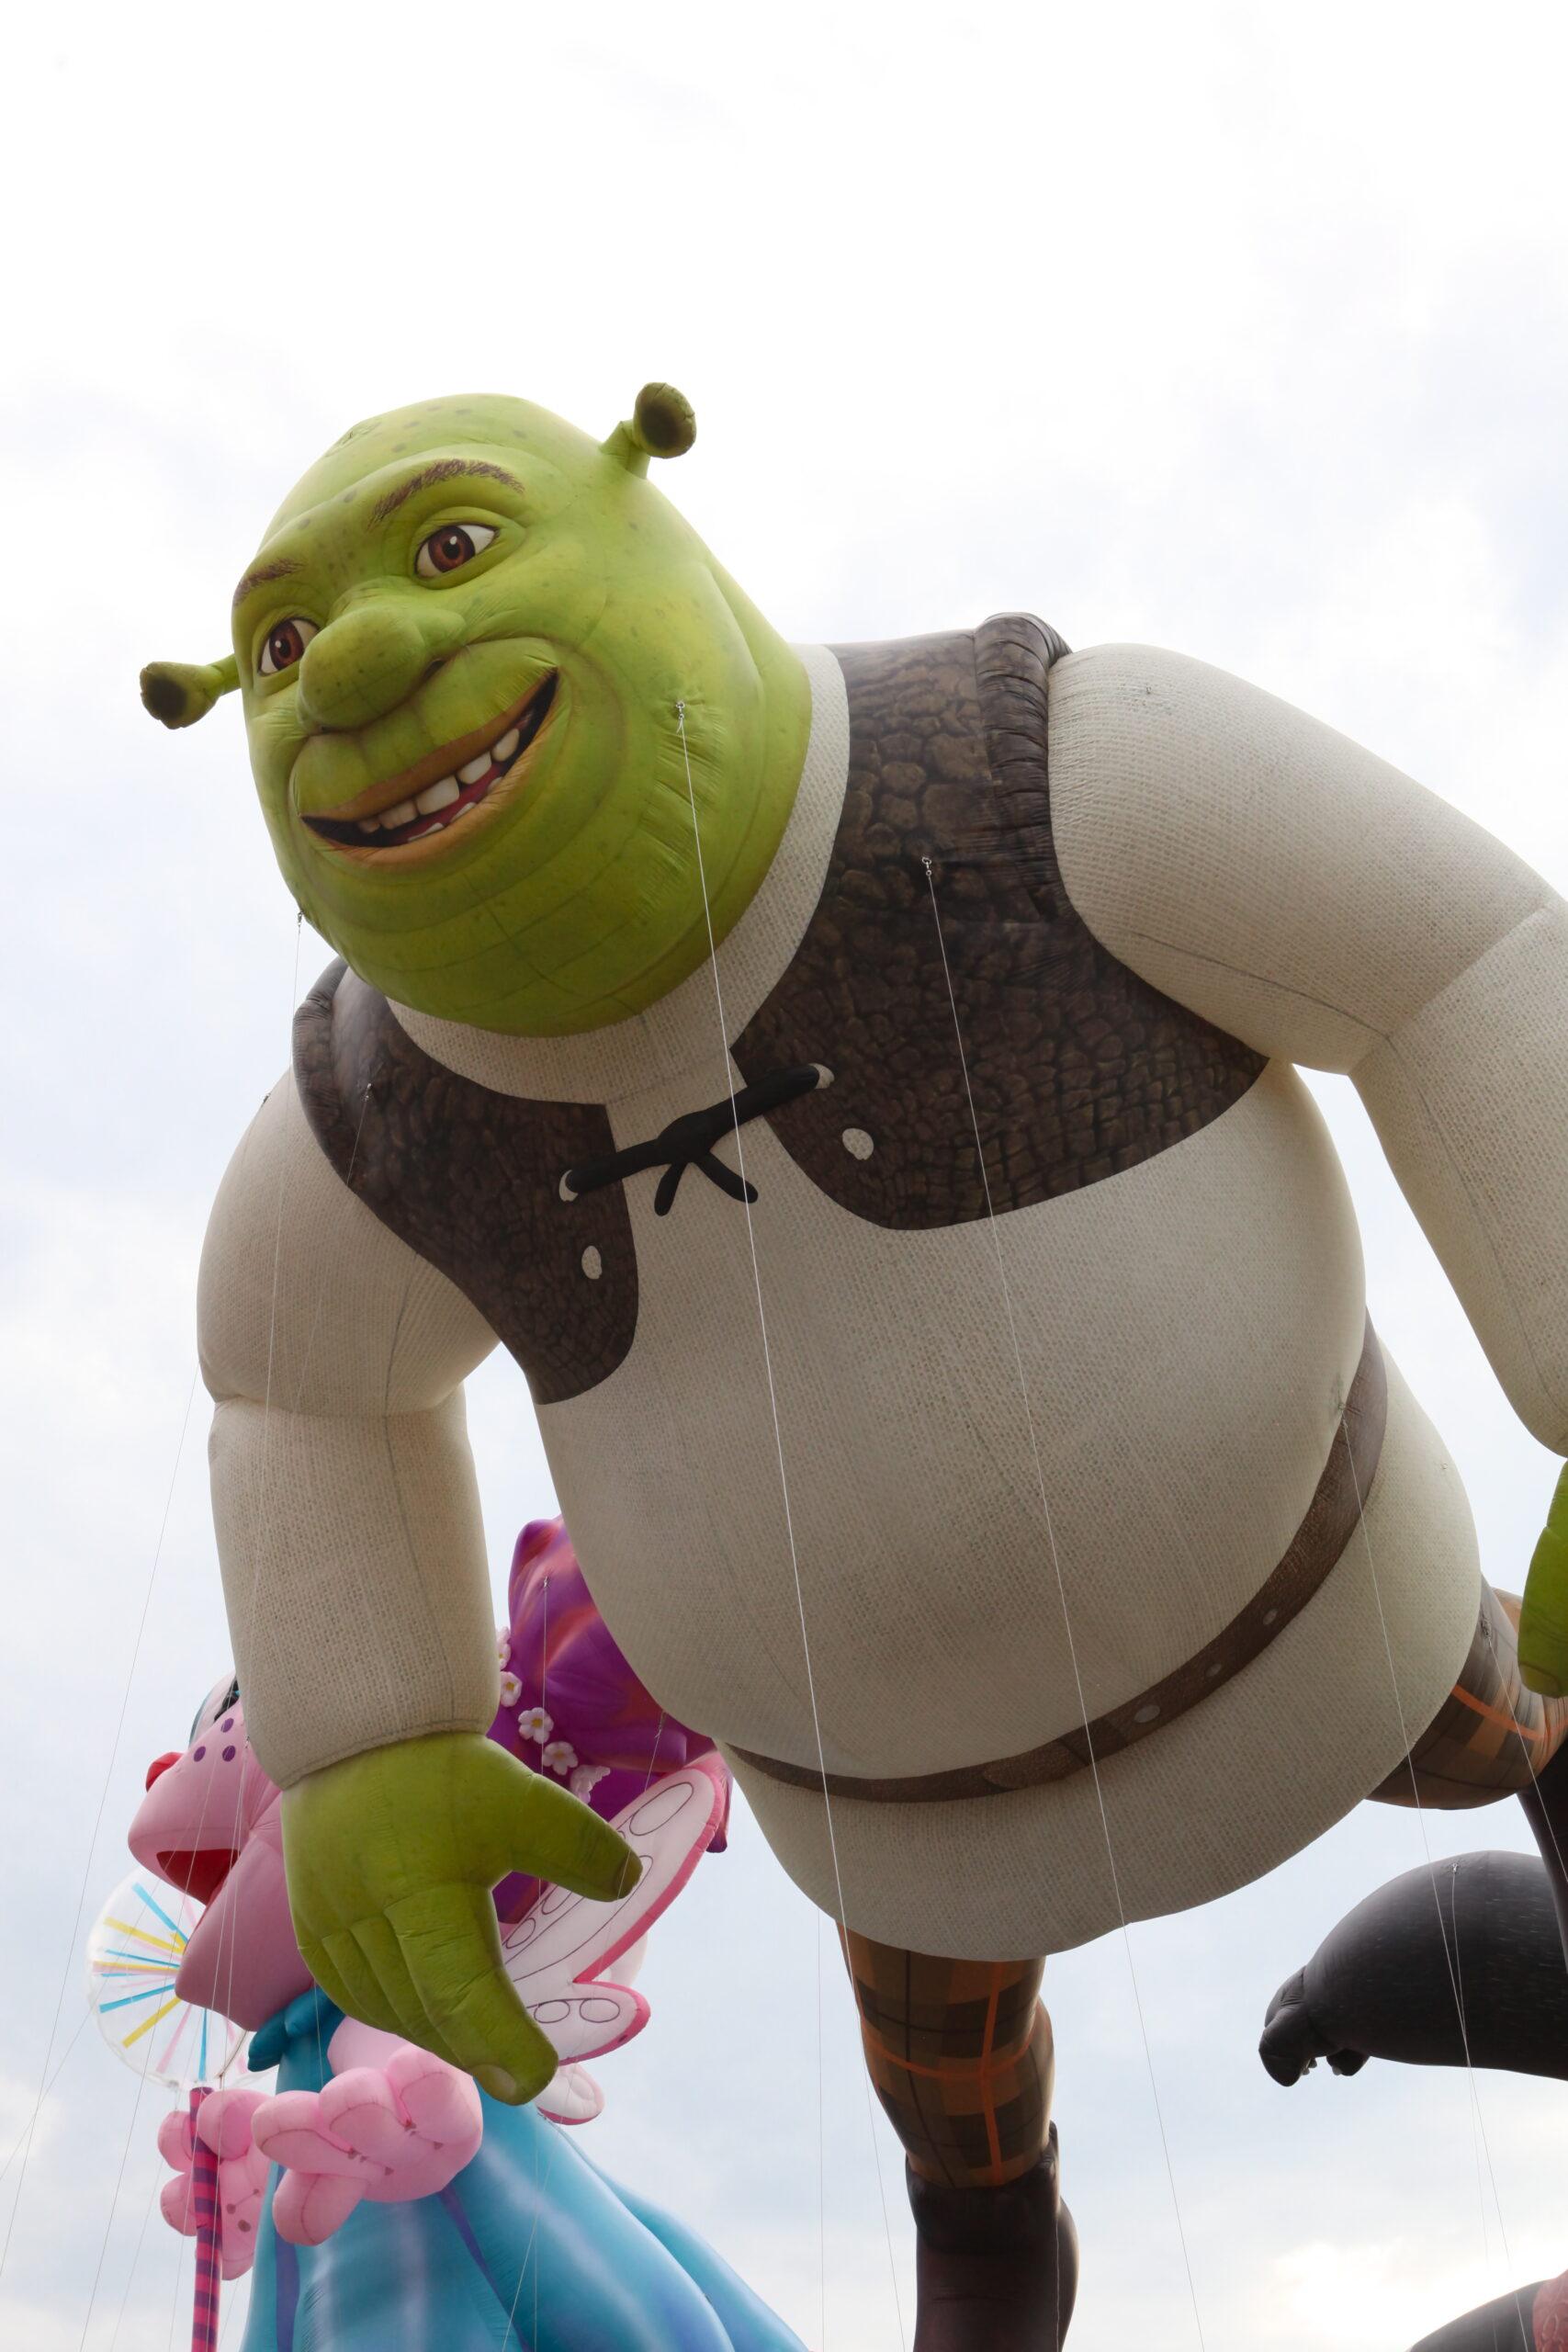 Shrek Close up Parade Balloon